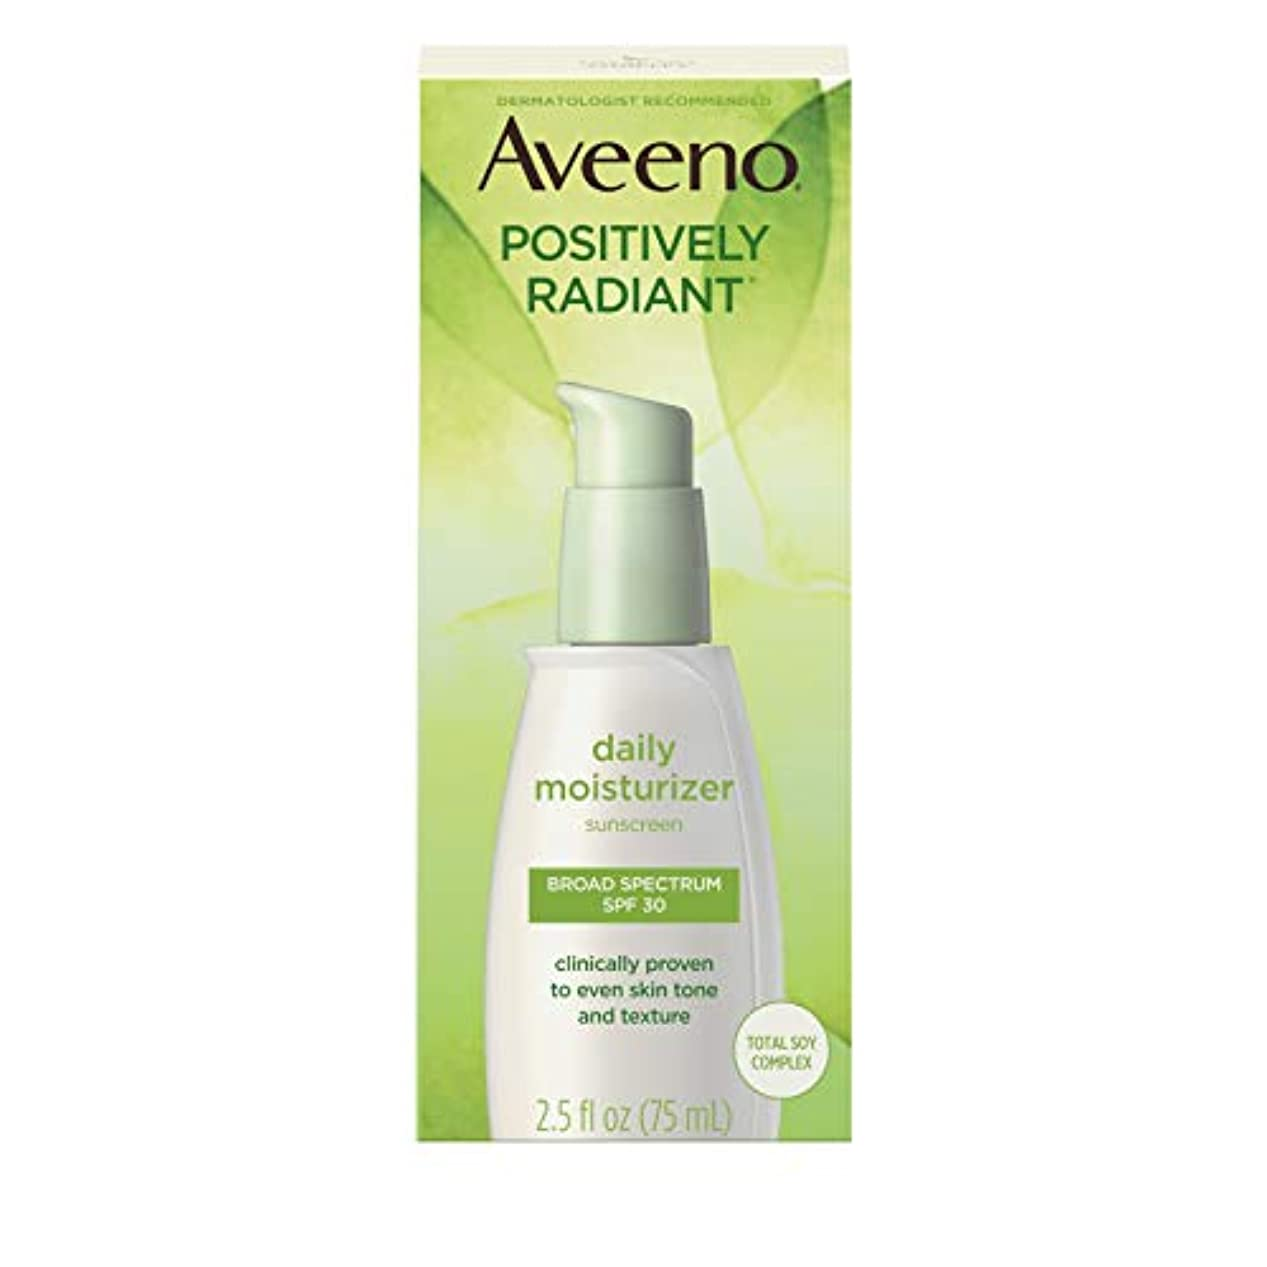 マトロン復活させる地域Aveeno Active Naturals Positively Radiant Daily Moisturizer SPF-30 UVA/UVB Sunscreen 73 ml